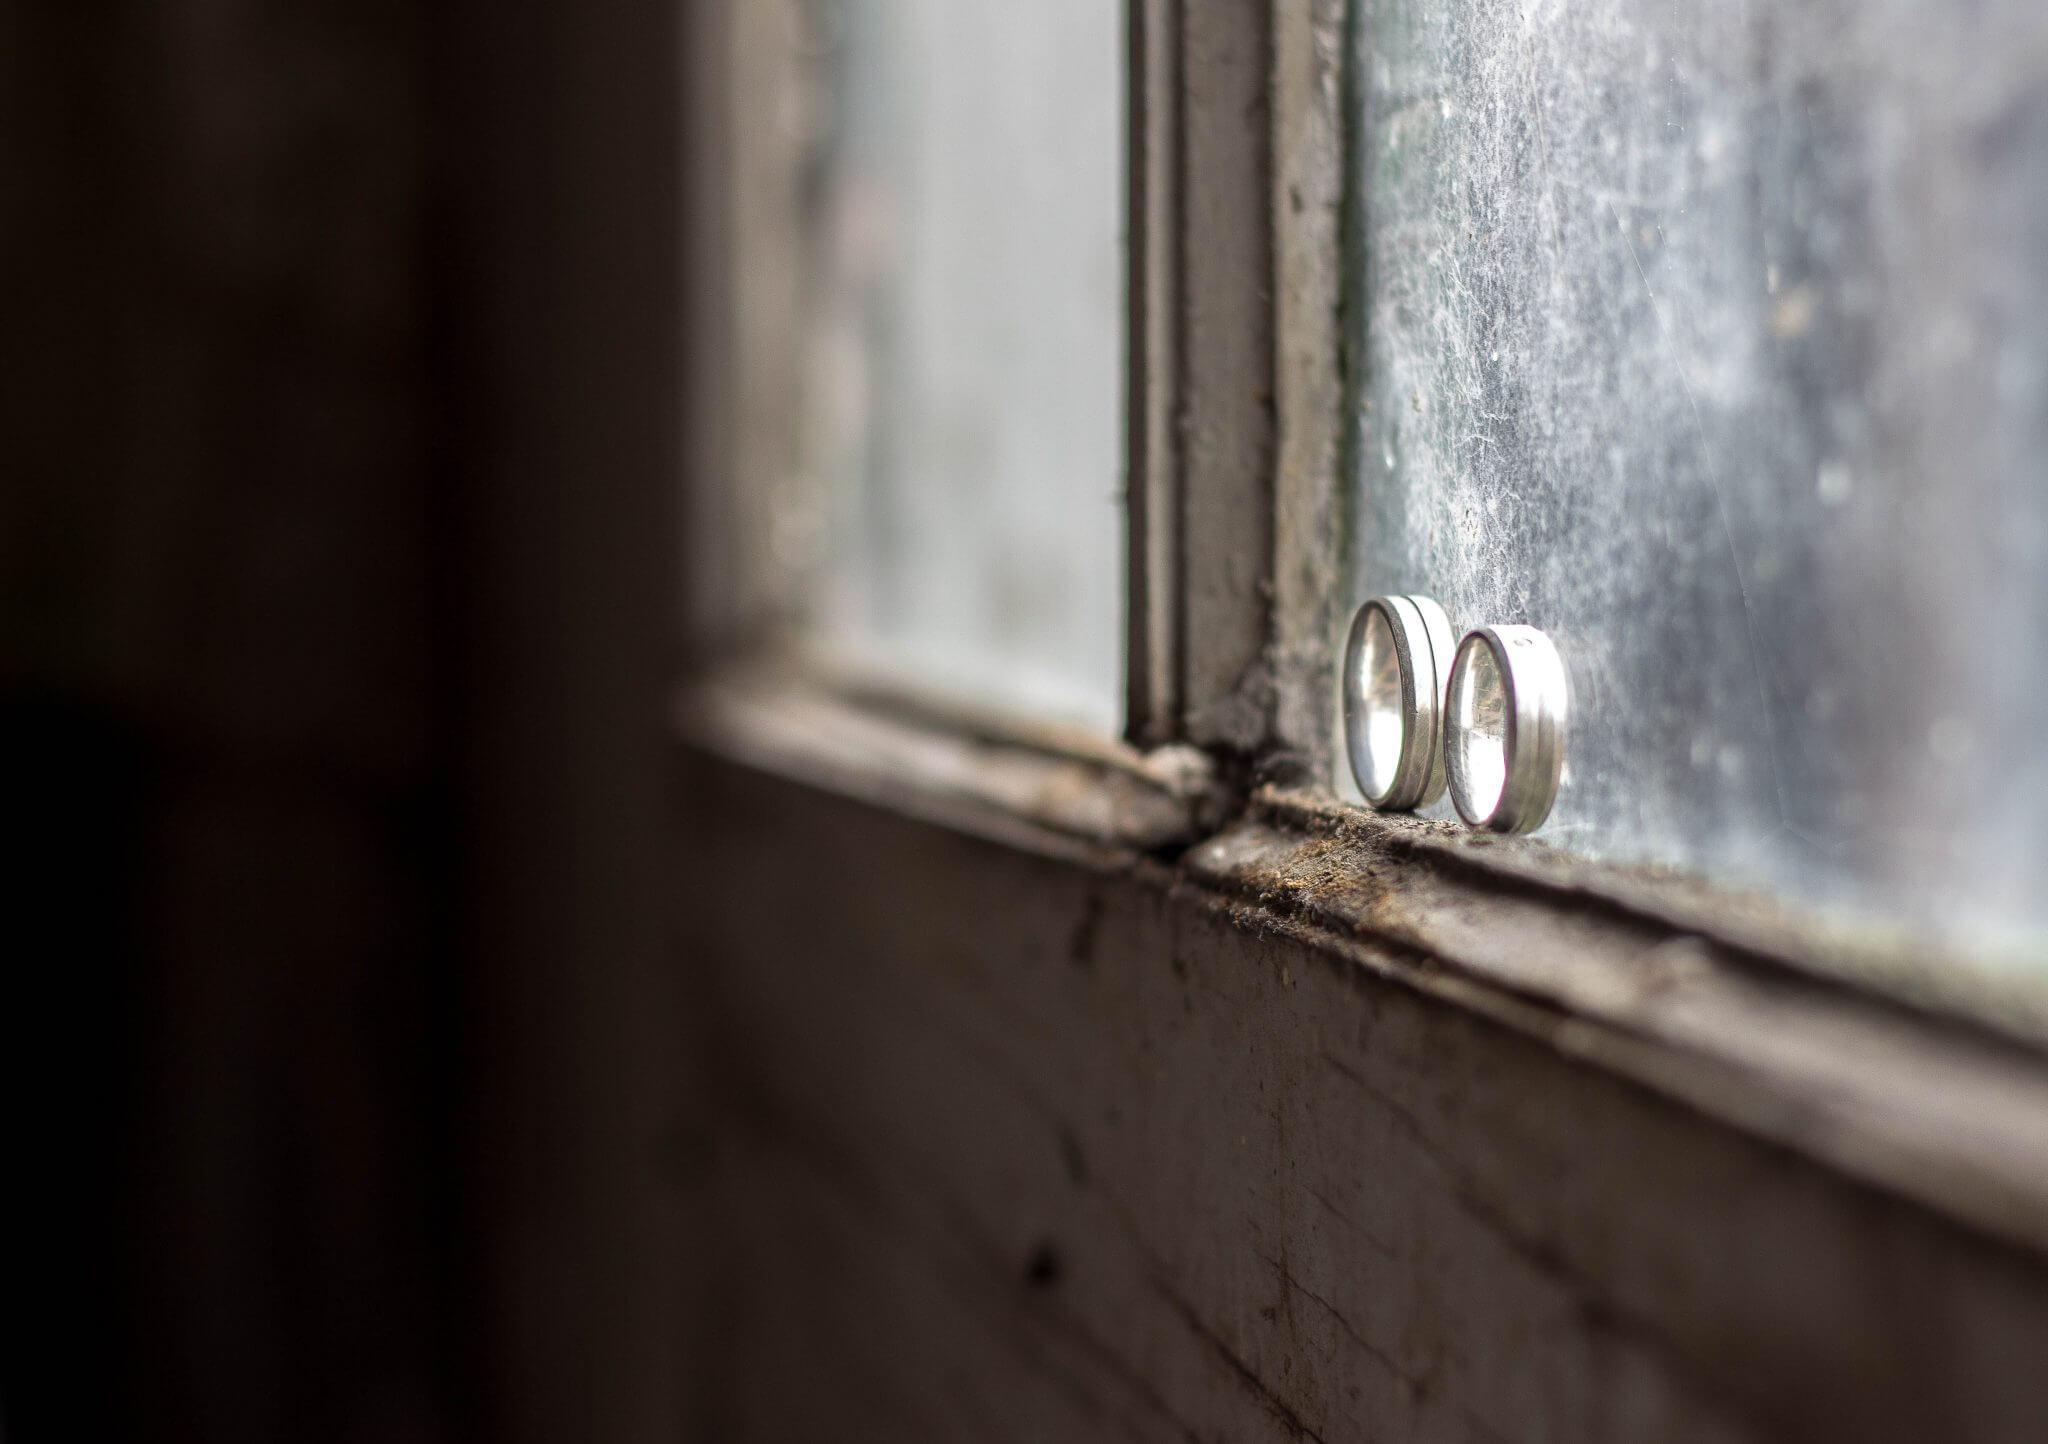 Regio Groningen, zuidhorn, wedding, trouwen, bruidsfotograaf, fotograaf